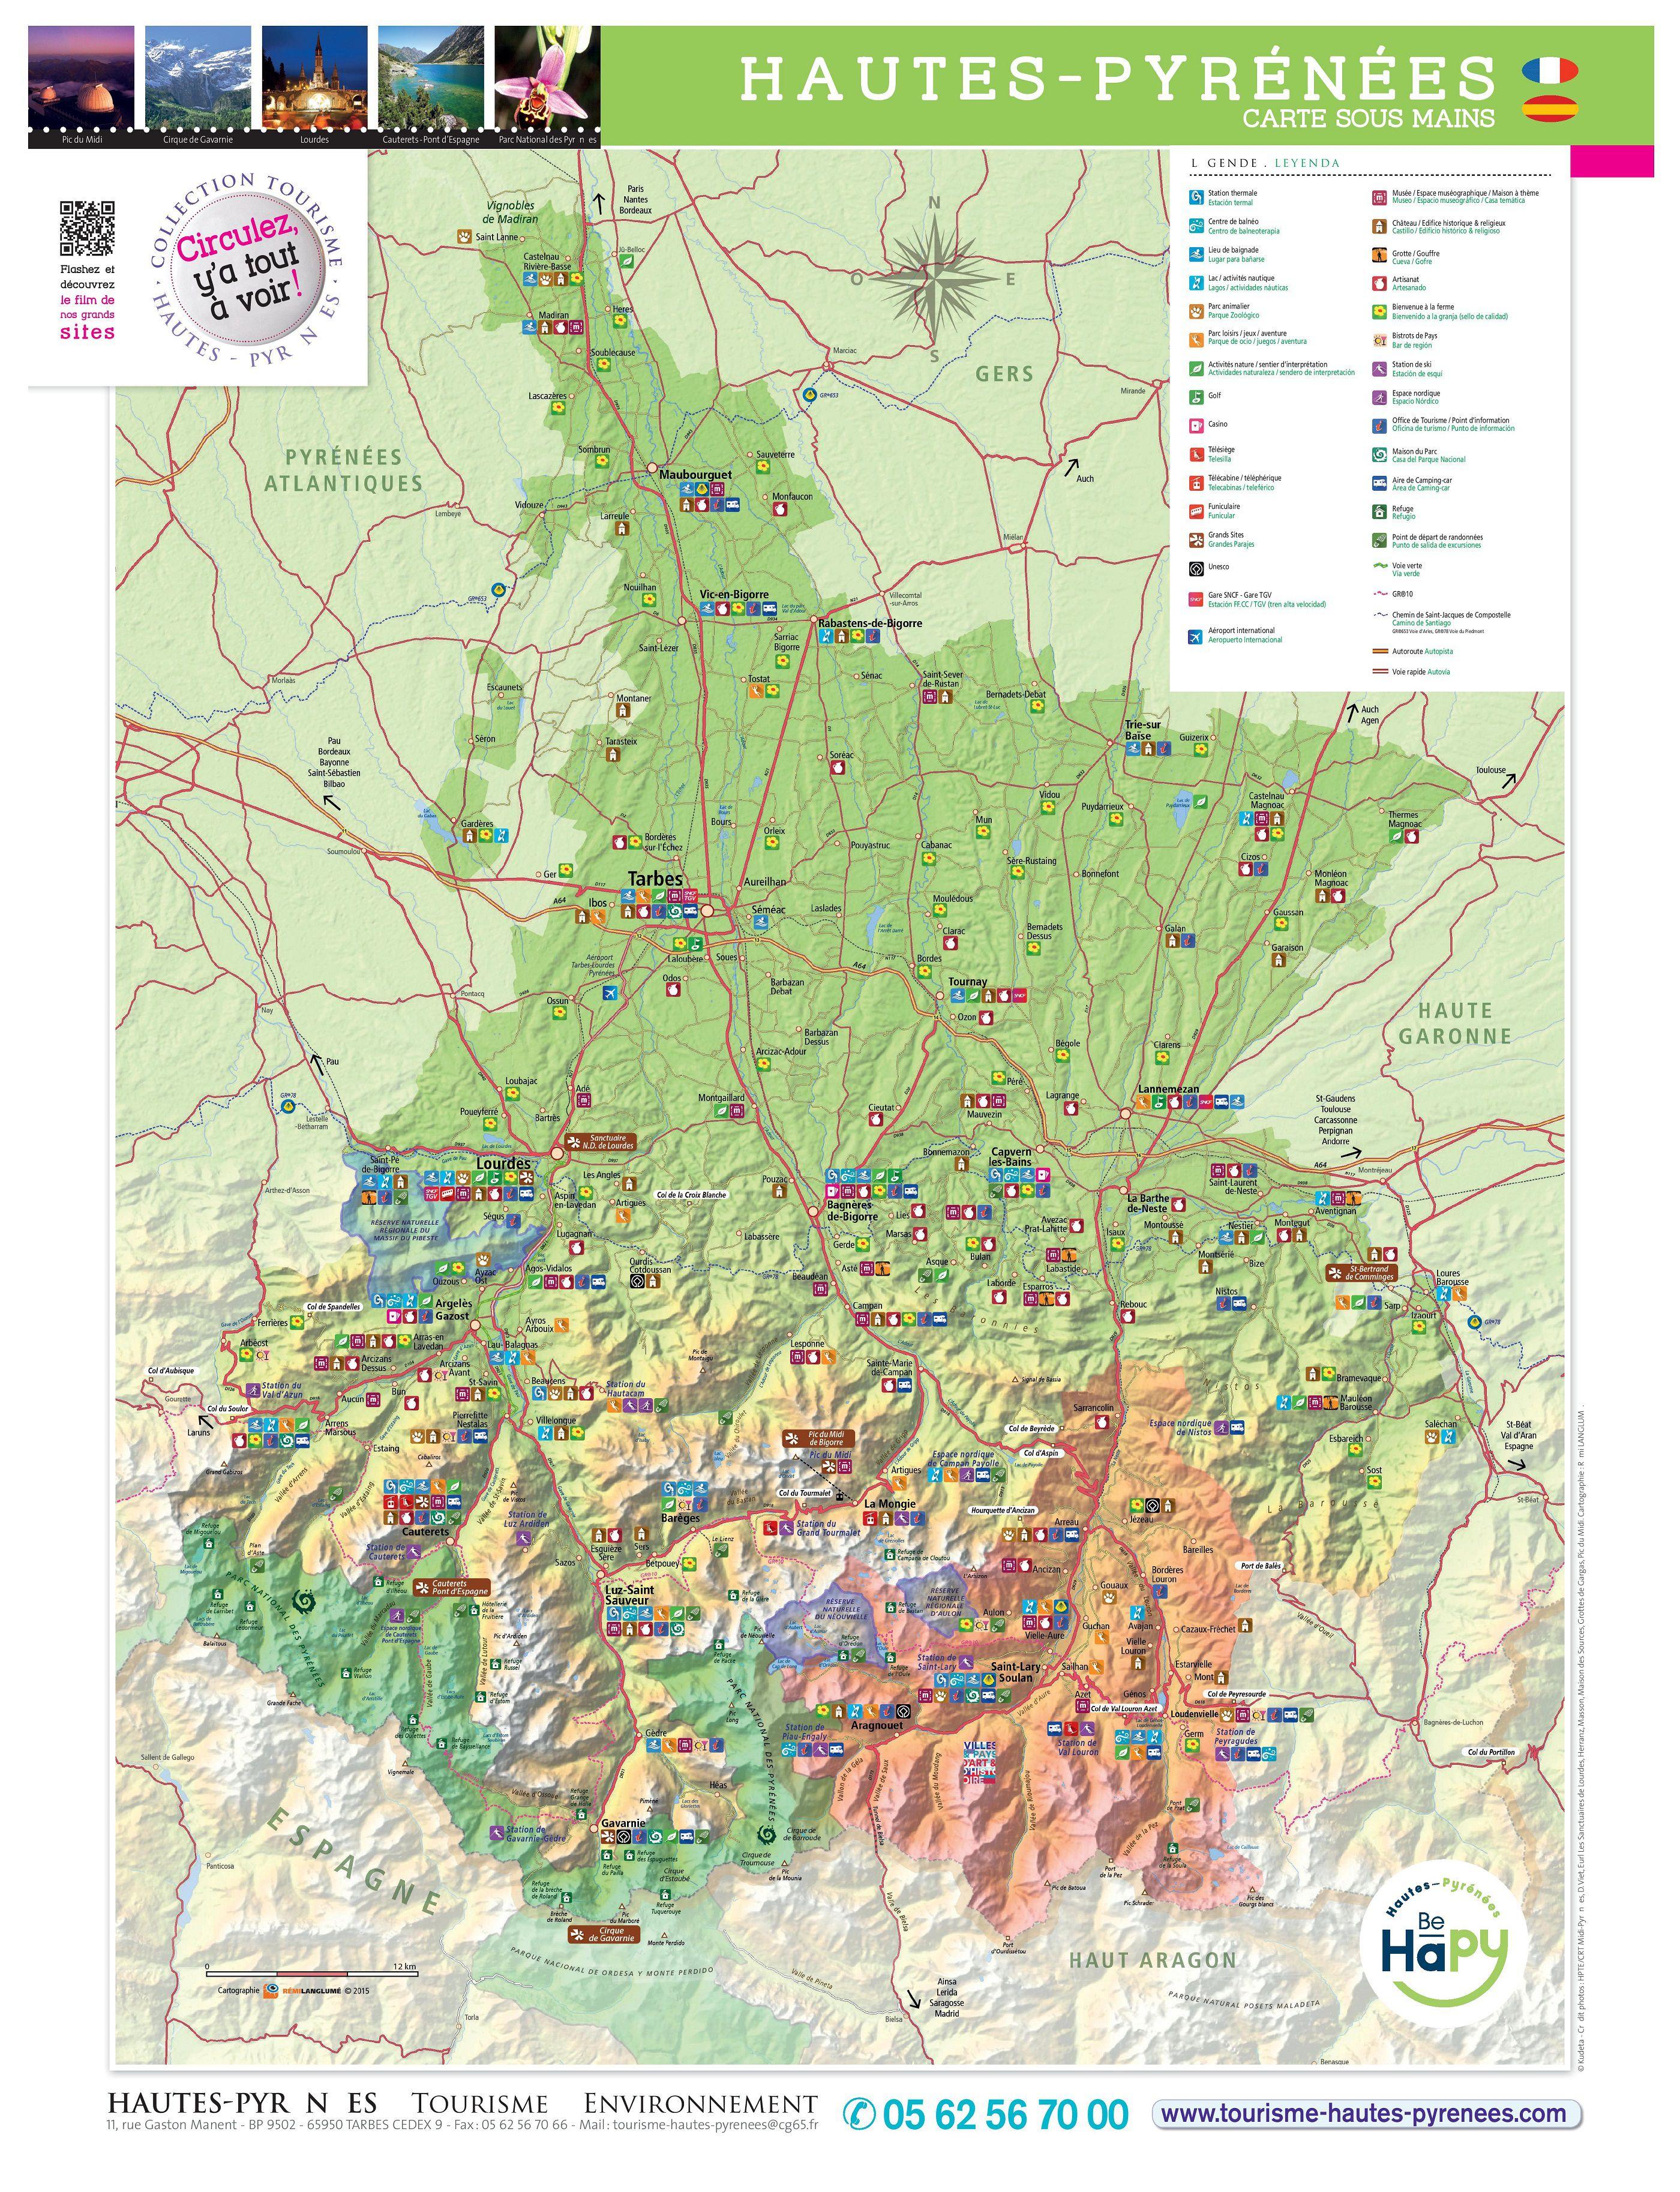 Carte des Hautes-Pyrénées - Hautes-Pyrénées carte du département 65